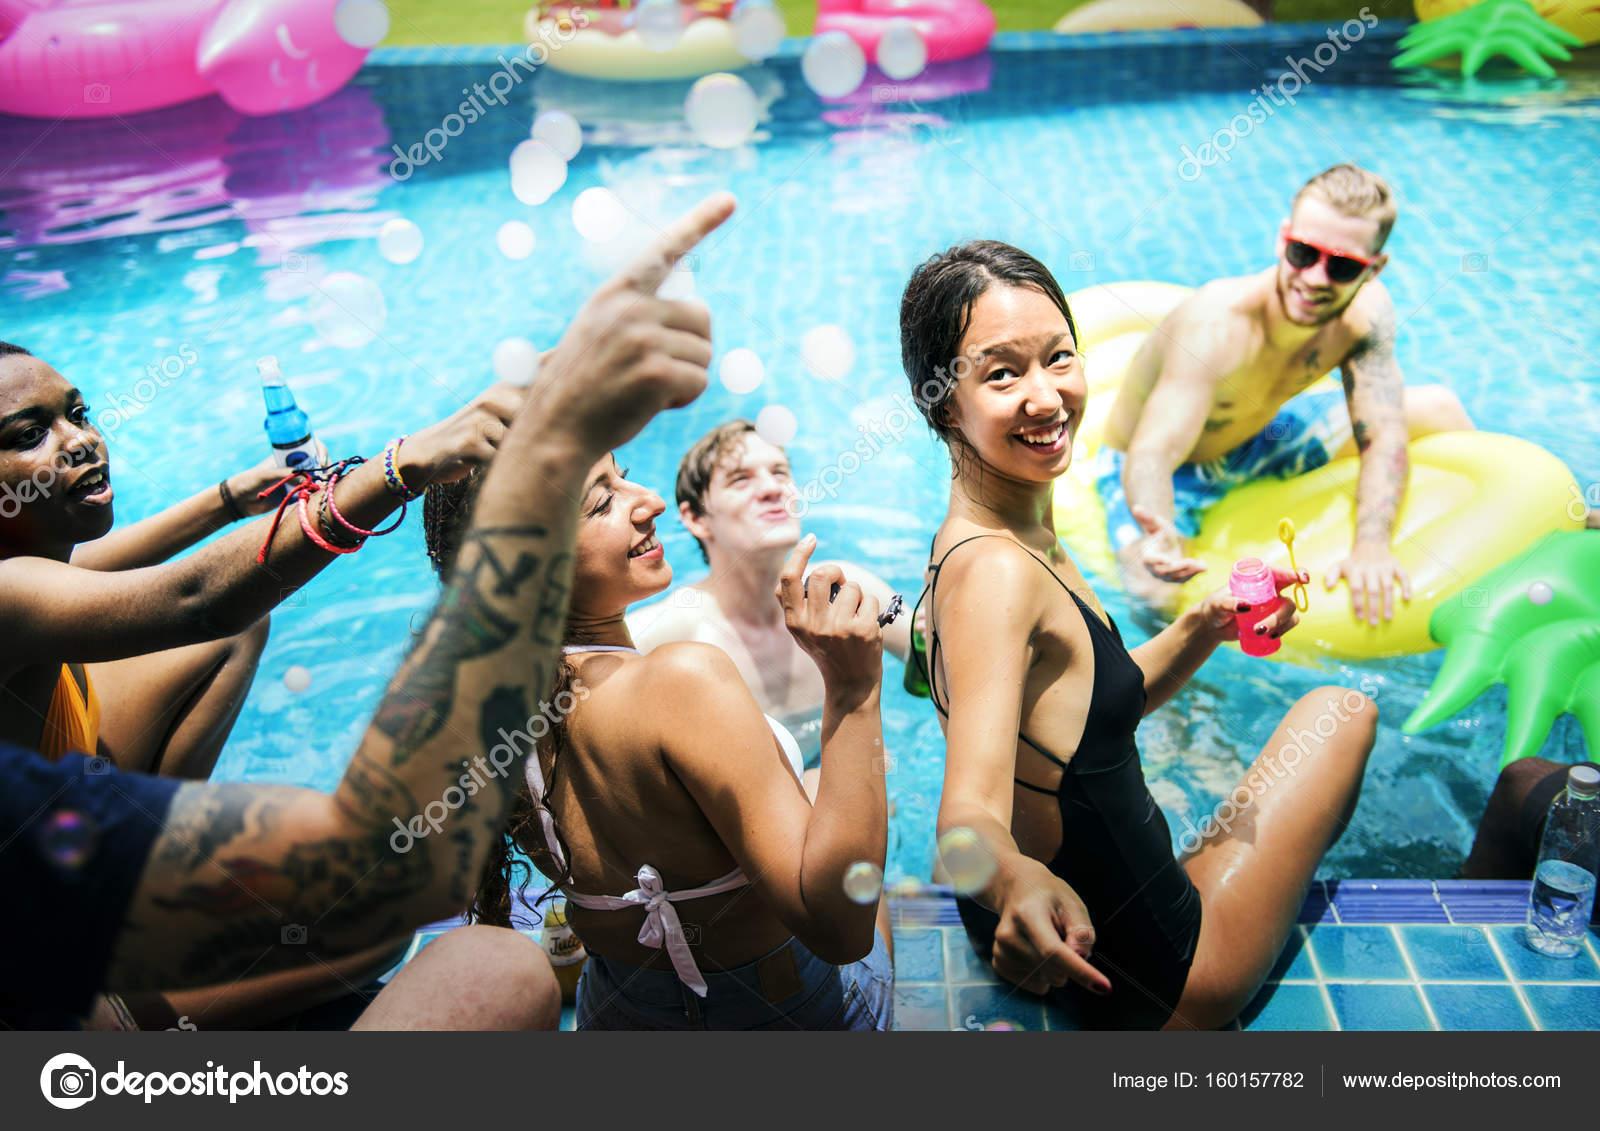 Amigos disfrutando de la fiesta de piscina foto de stock for Fiesta de piscina